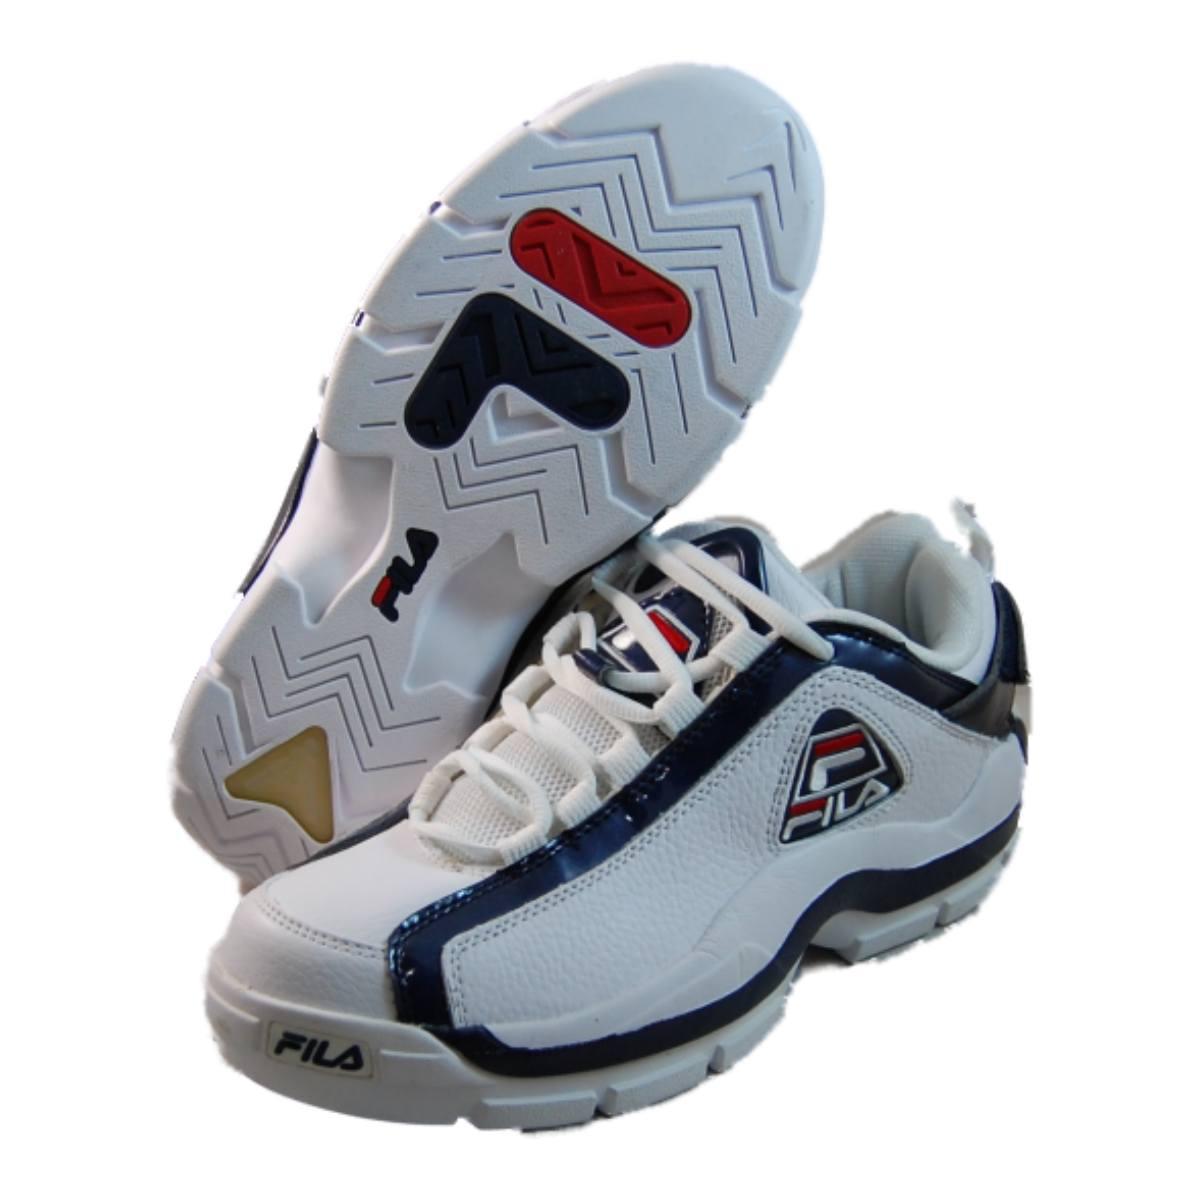 fila mens 96 low white basketball shoes 1vb90039 127 ebay. Black Bedroom Furniture Sets. Home Design Ideas